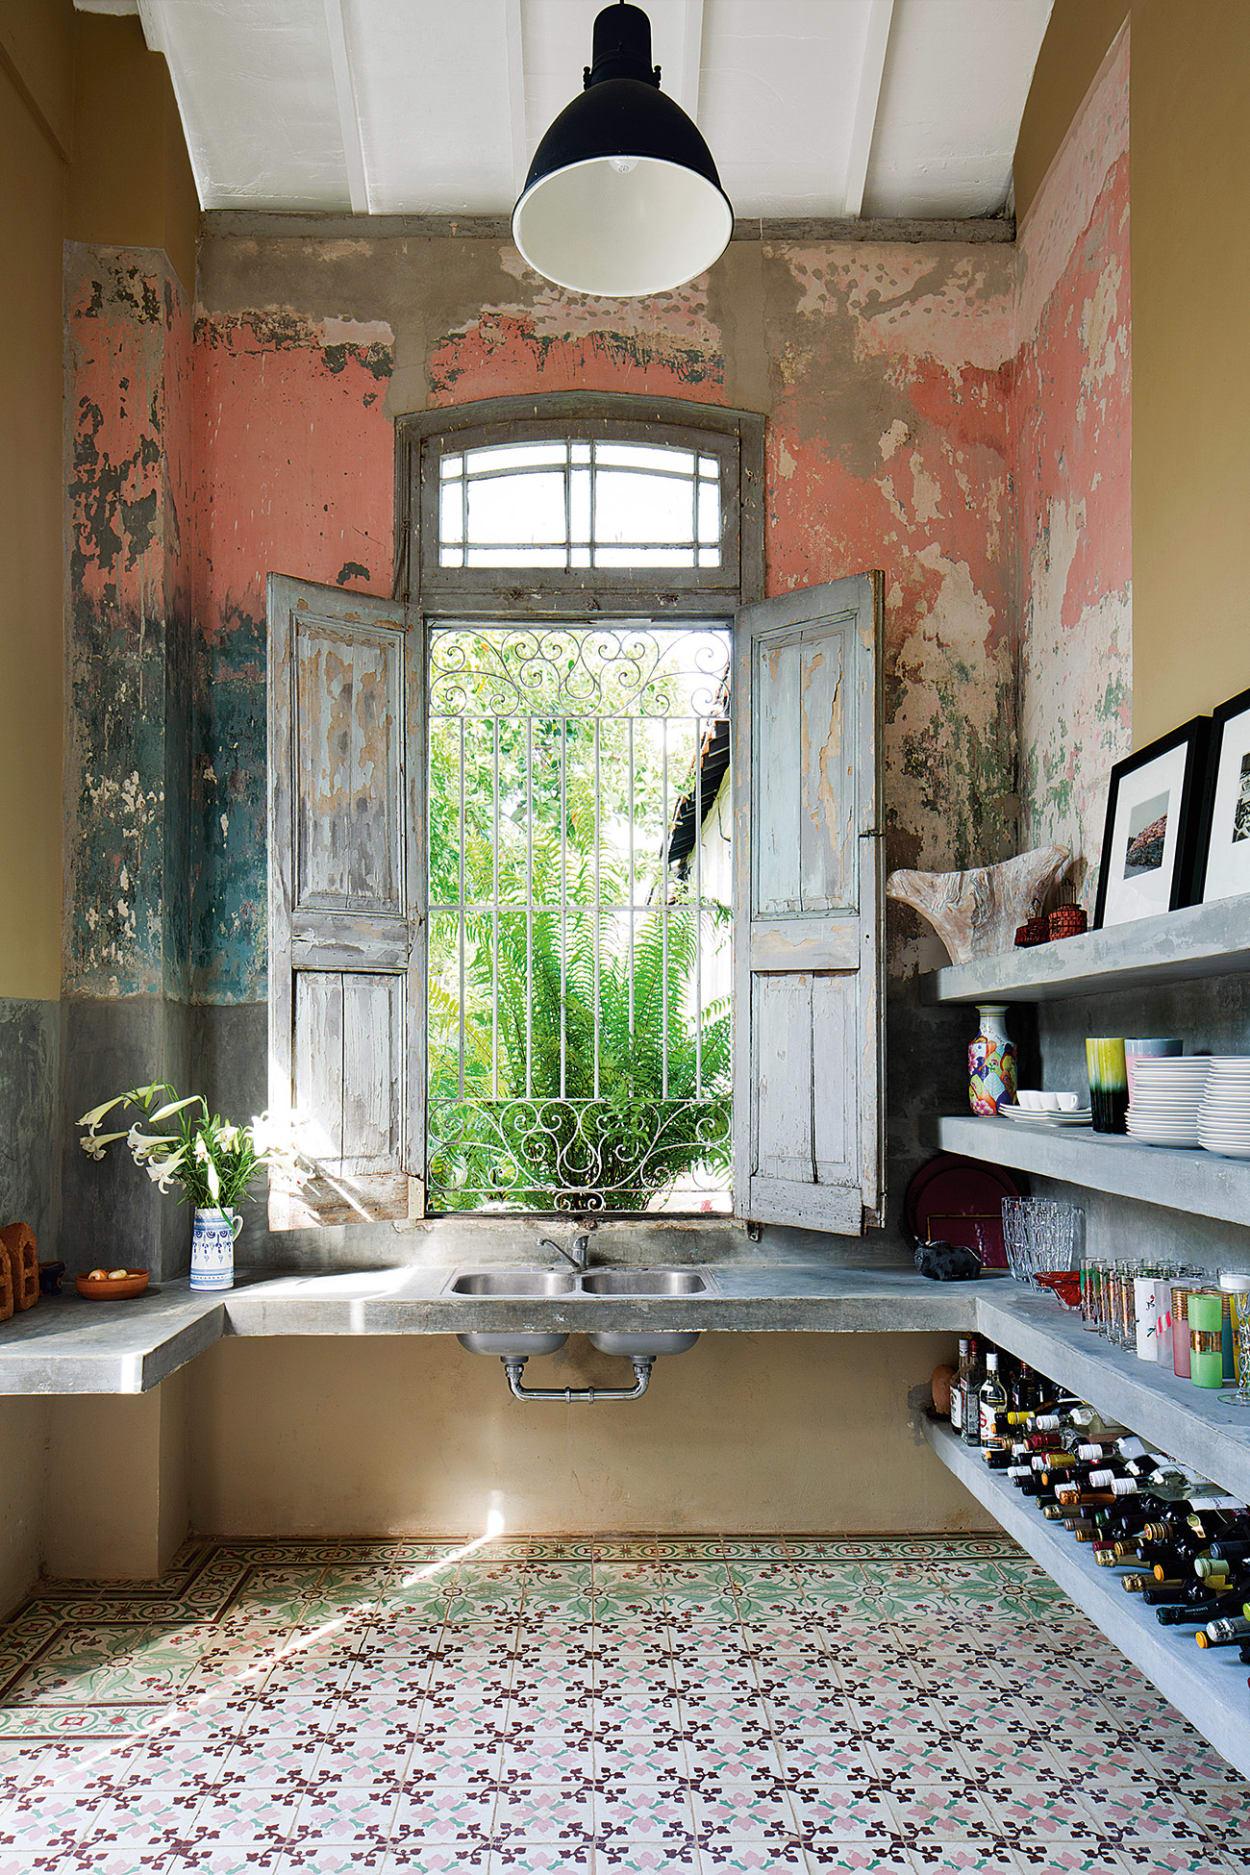 In Der Küche Der Kubanischen Villa Unten Lässt Das Leuchtende Spiel Der  Farbreste Verschiedener Zeiten Sogar